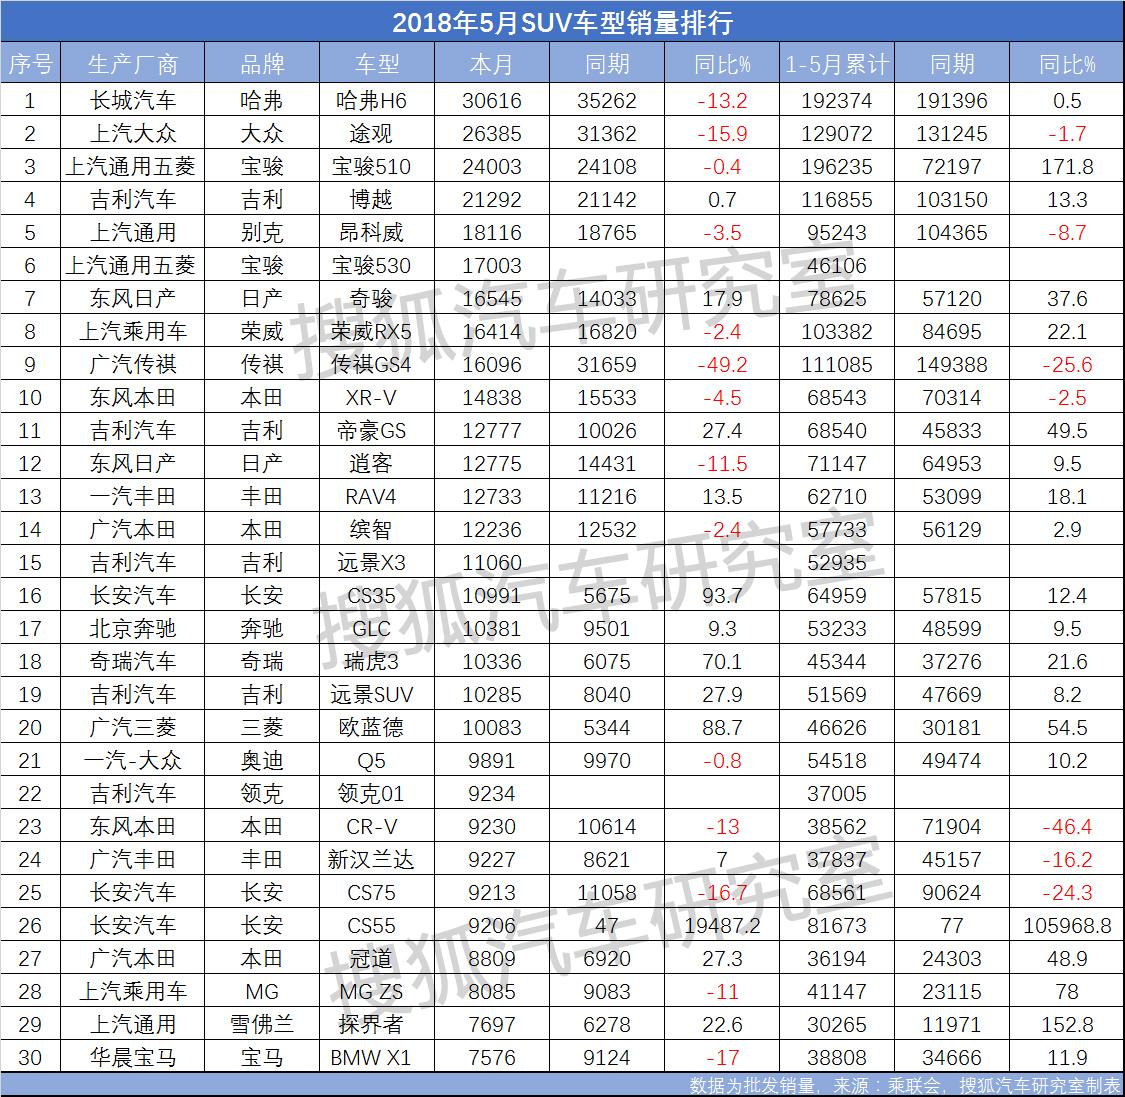 5月SUV销量Top30:整体增速放缓 传祺GS4惨遭腰斩